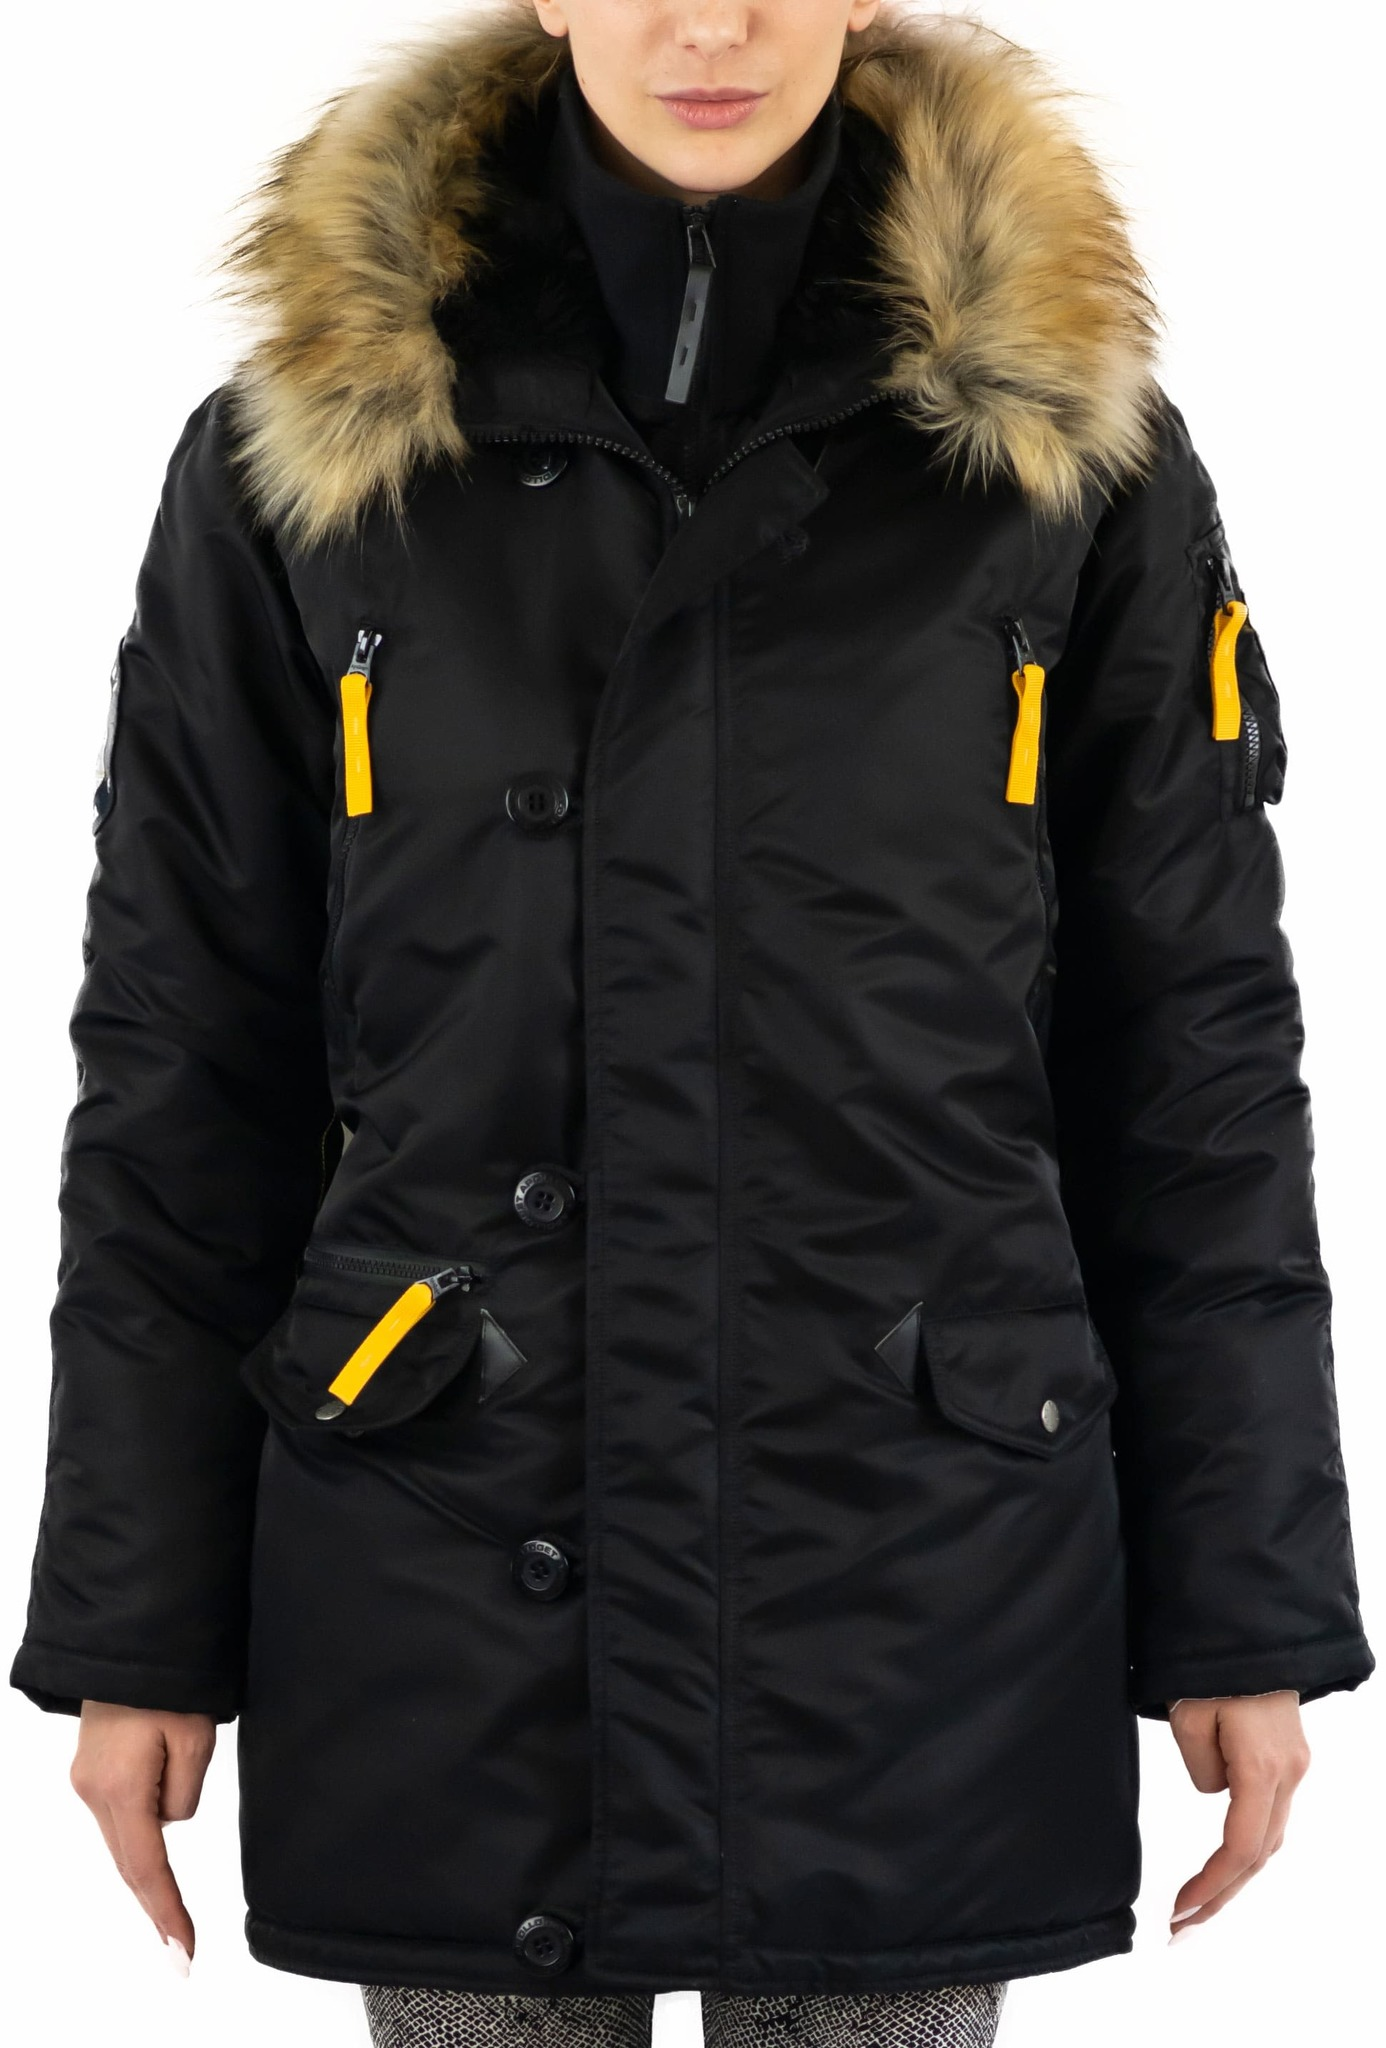 Куртка Аляска Женская - Apolloget Alaska Wmn (черная - black/yellow)